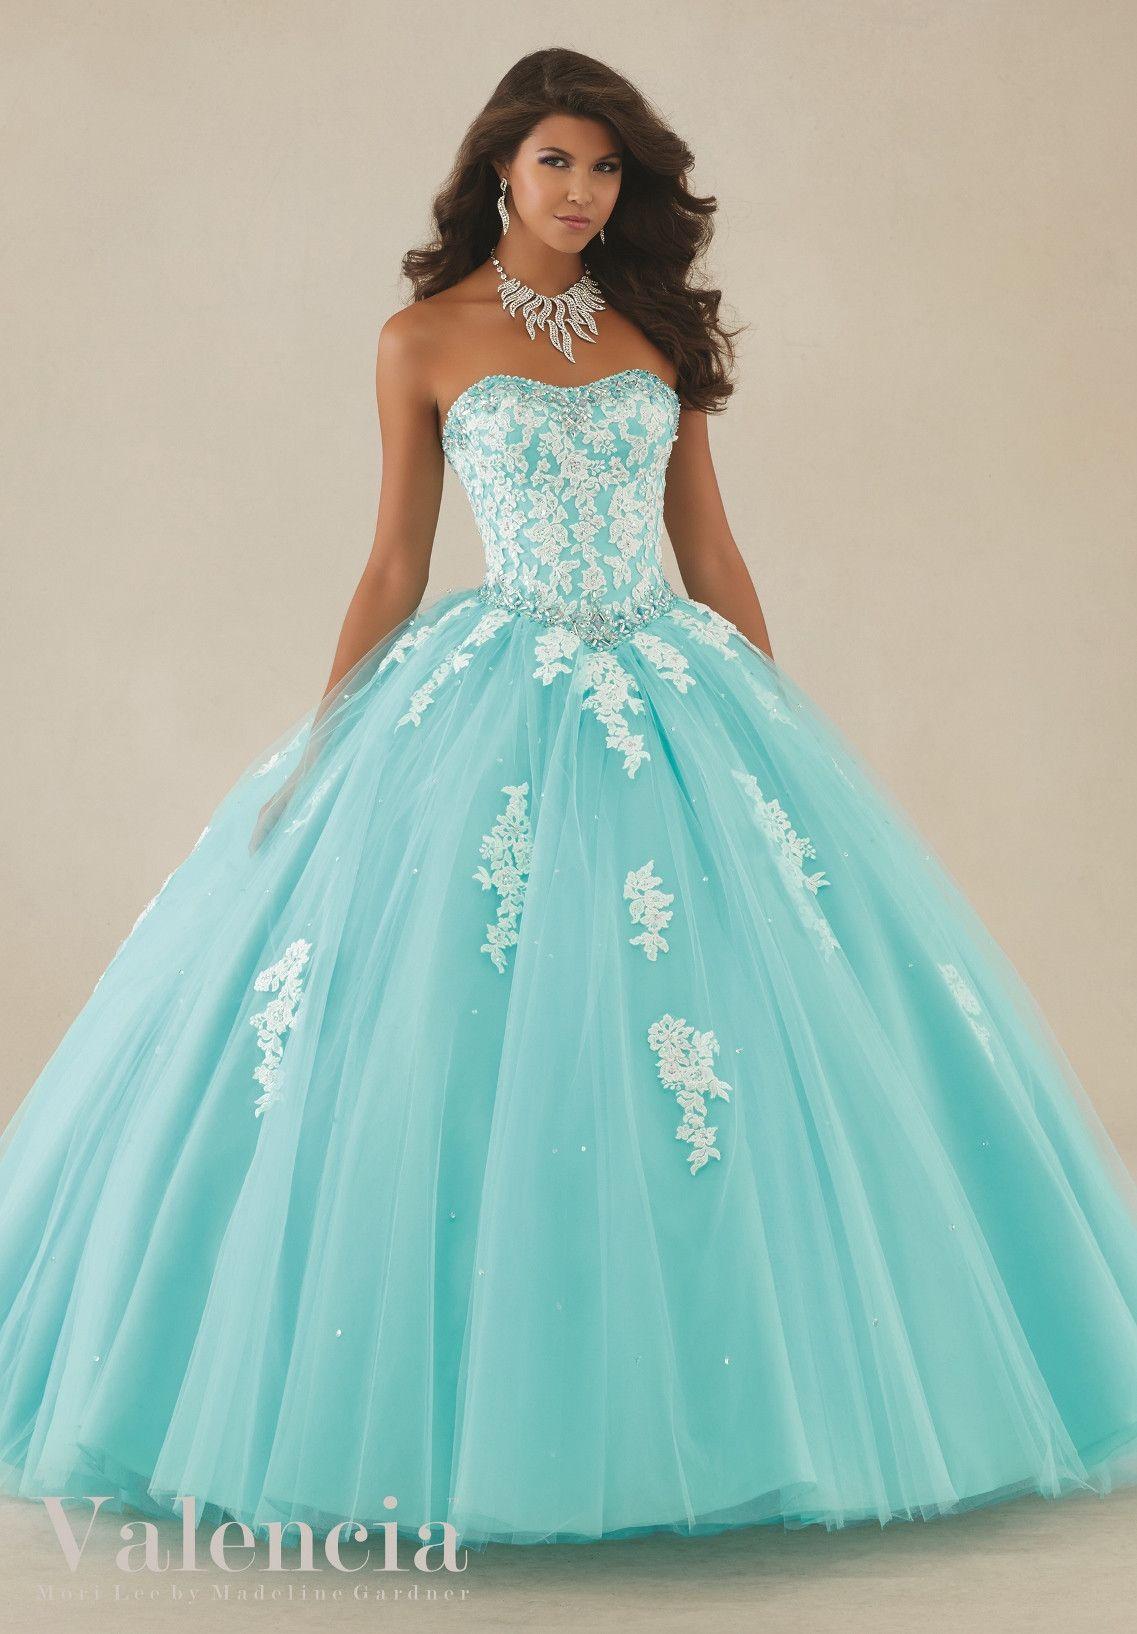 Mori Lee Valencia Quinceanera Dress 89086 | Quinceañera, Vestidos de ...